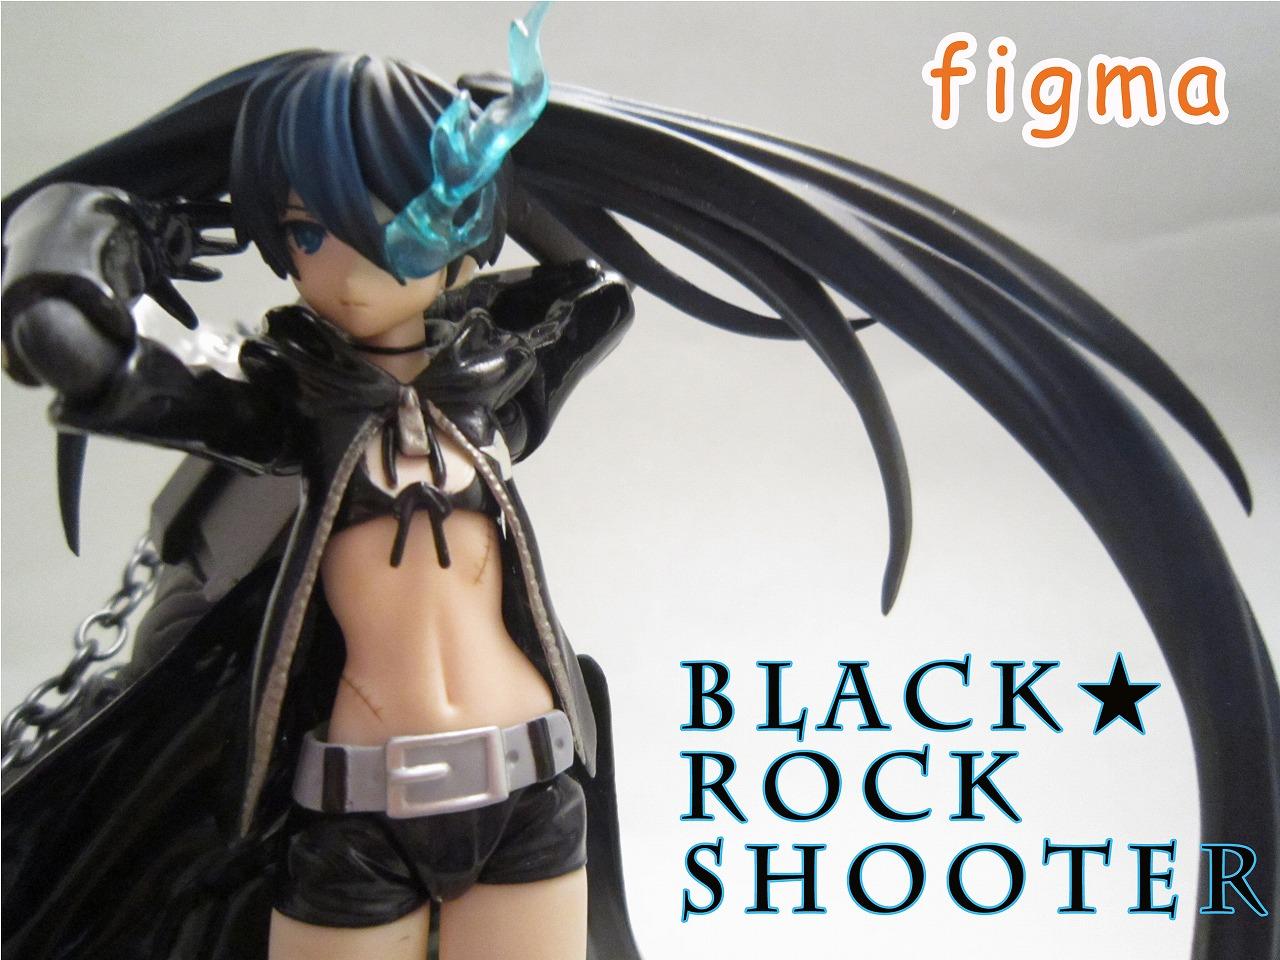 figma ブラック★ロックシューター